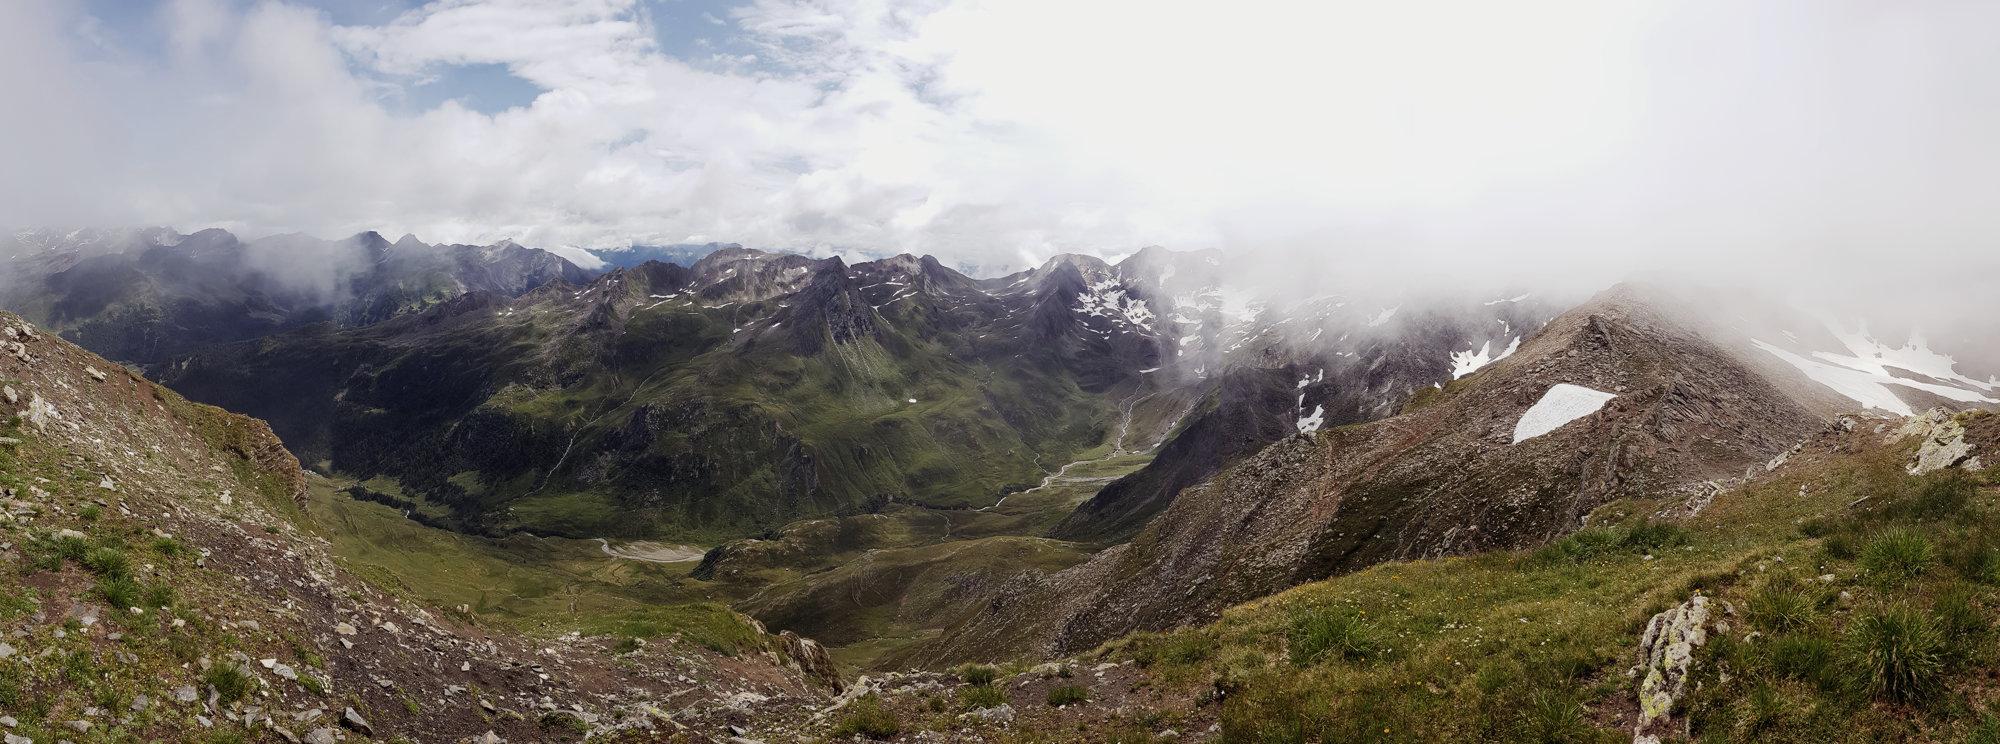 Panorama Königsjoch, Wanderung Königsjoch, Obergurgl nach Südtirol, Bergwandern Ötztal, Wandertour Ötztal, Stubaier Alpen, Tirol